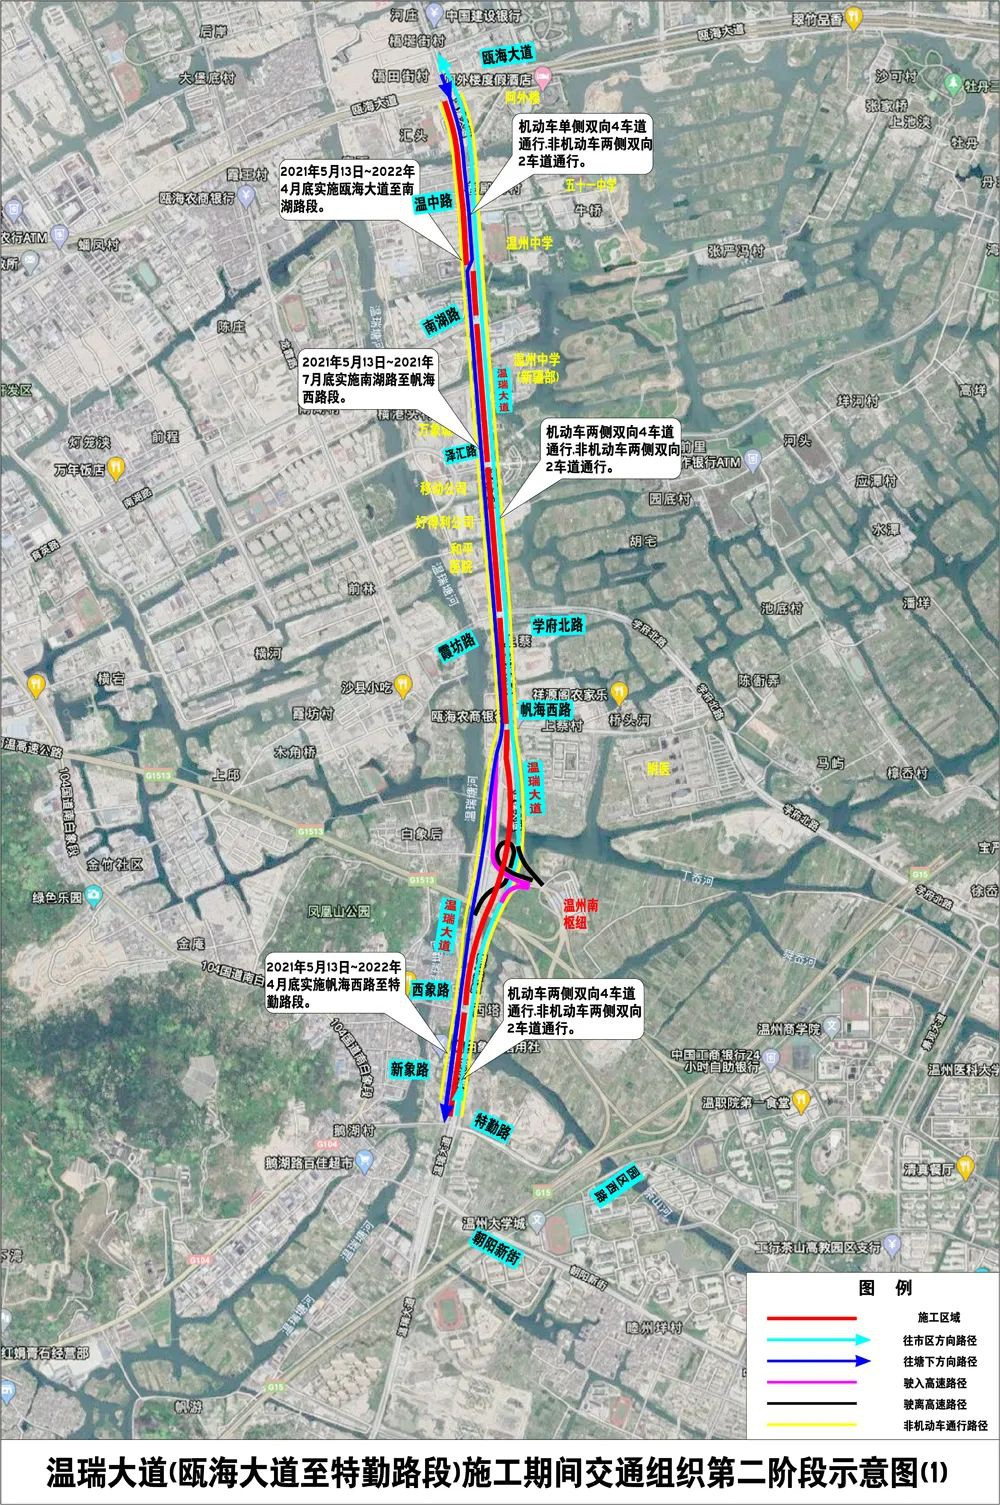 5月13日起,温州市区温瑞大道交通管制调整